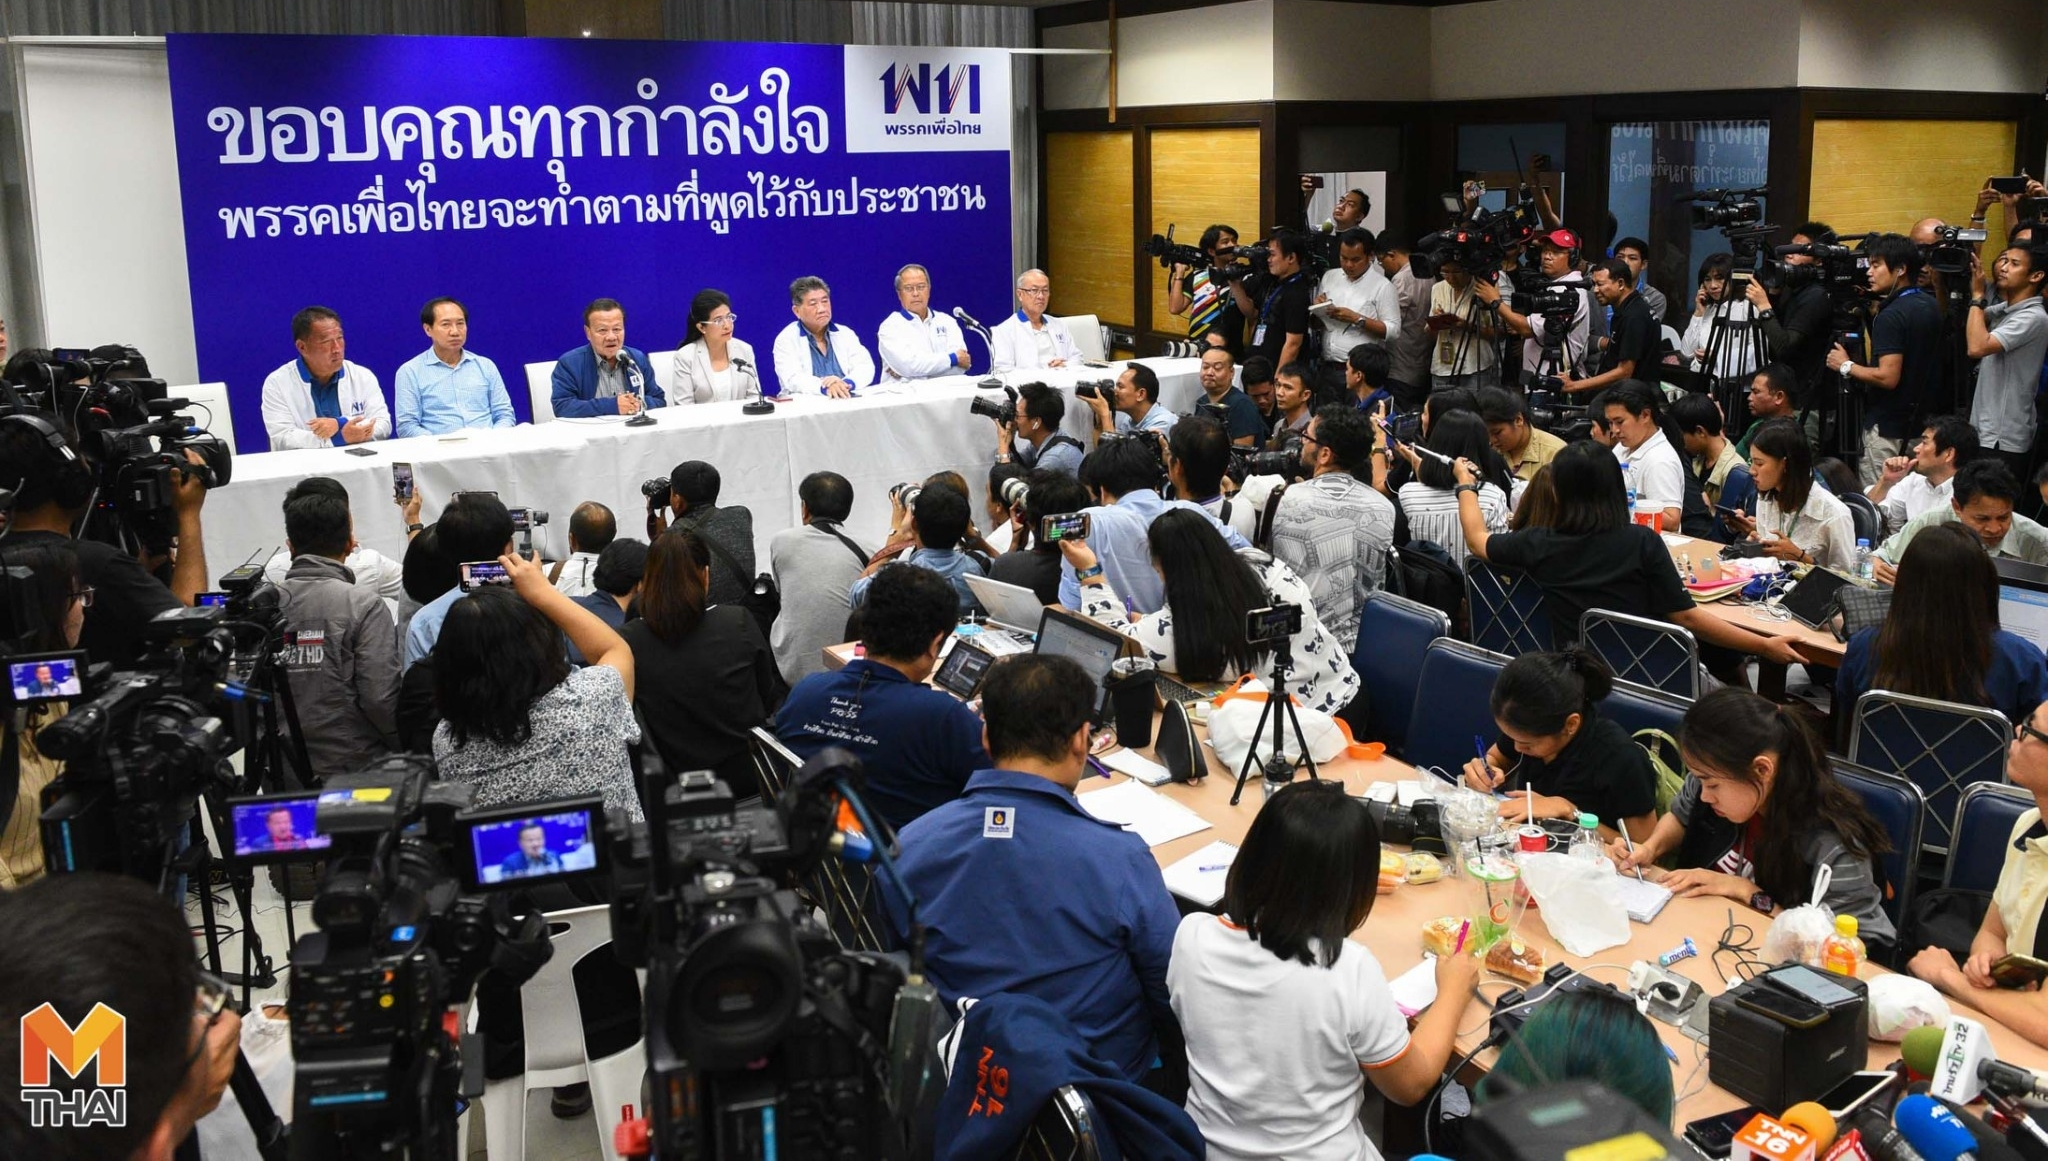 ข่าวสดวันนี้ ข่าวเลือกตั้ง พรรคเพื่อไทย สุดารัตน์ เกยุราพันธ์ุ เลือกตั้ง62